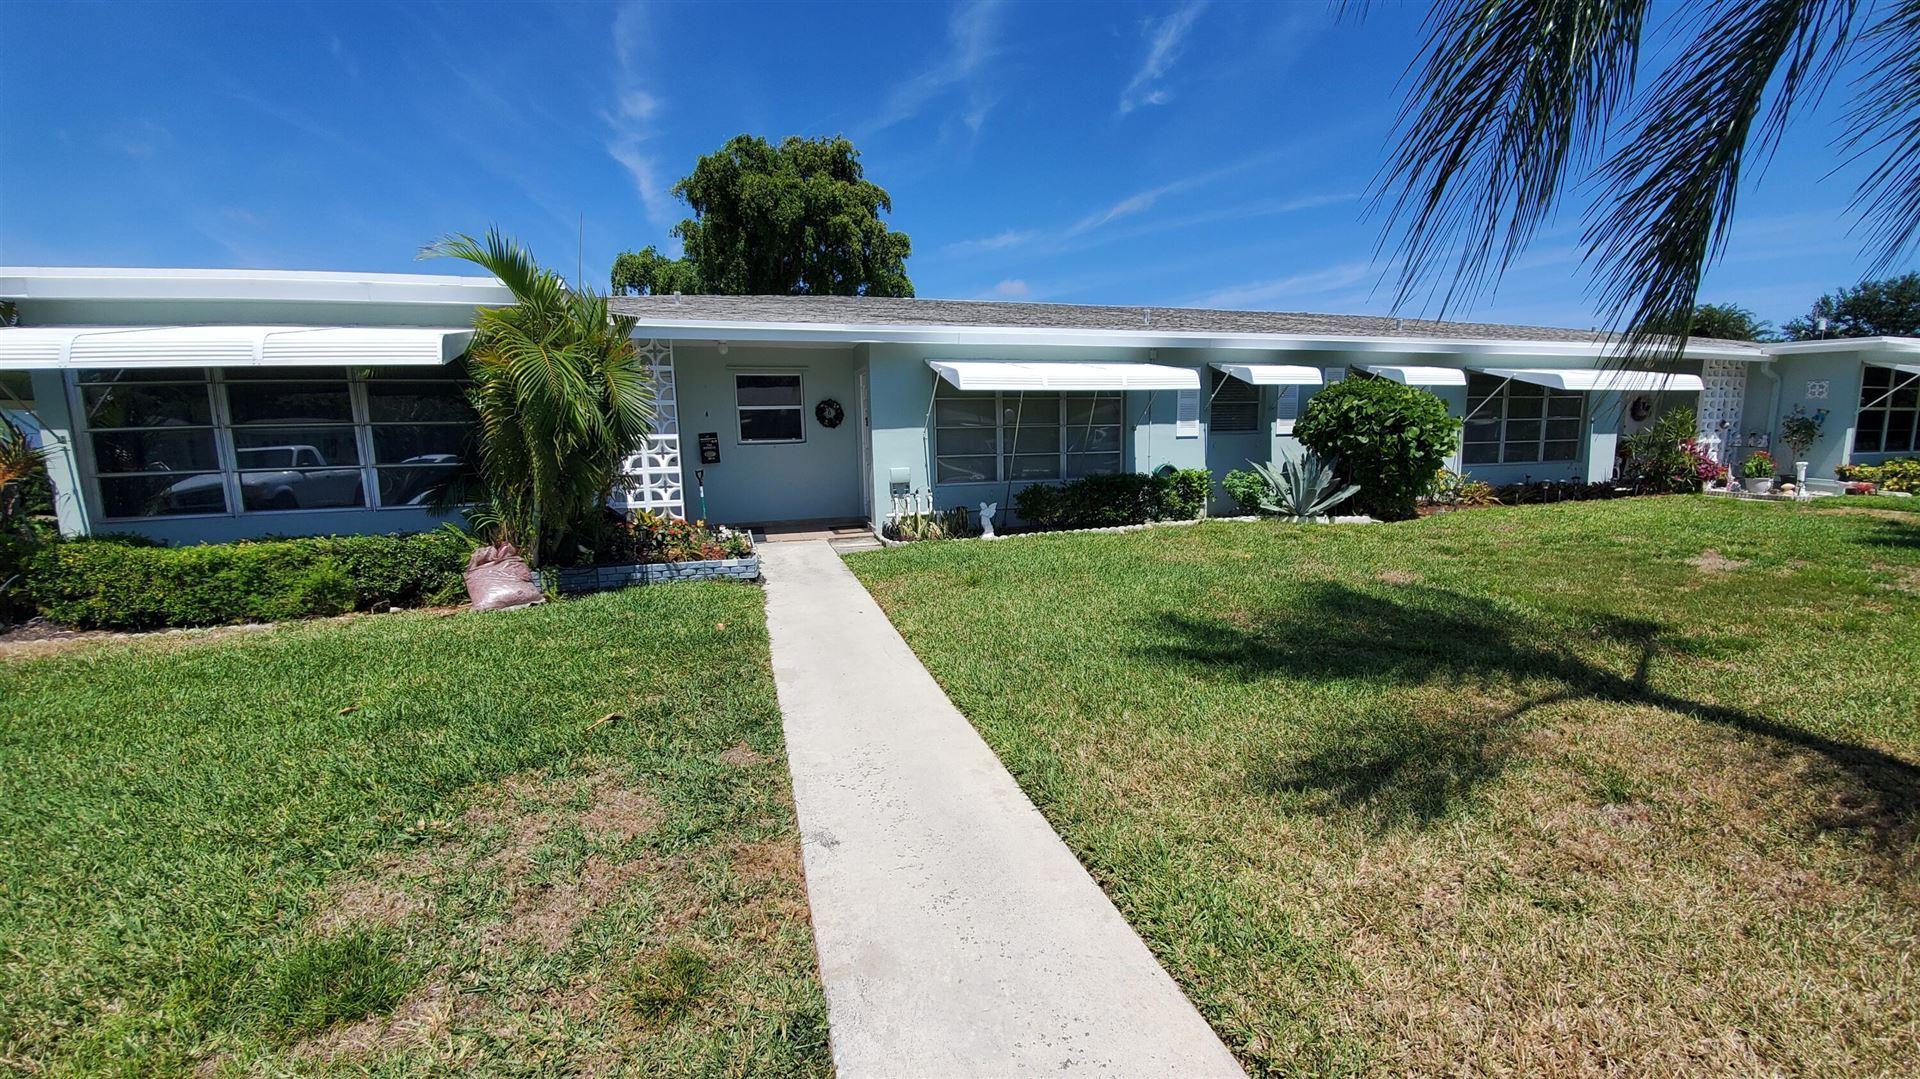 185 High Point Terrace E #B, Delray Beach, FL 33445 - MLS#: RX-10703152